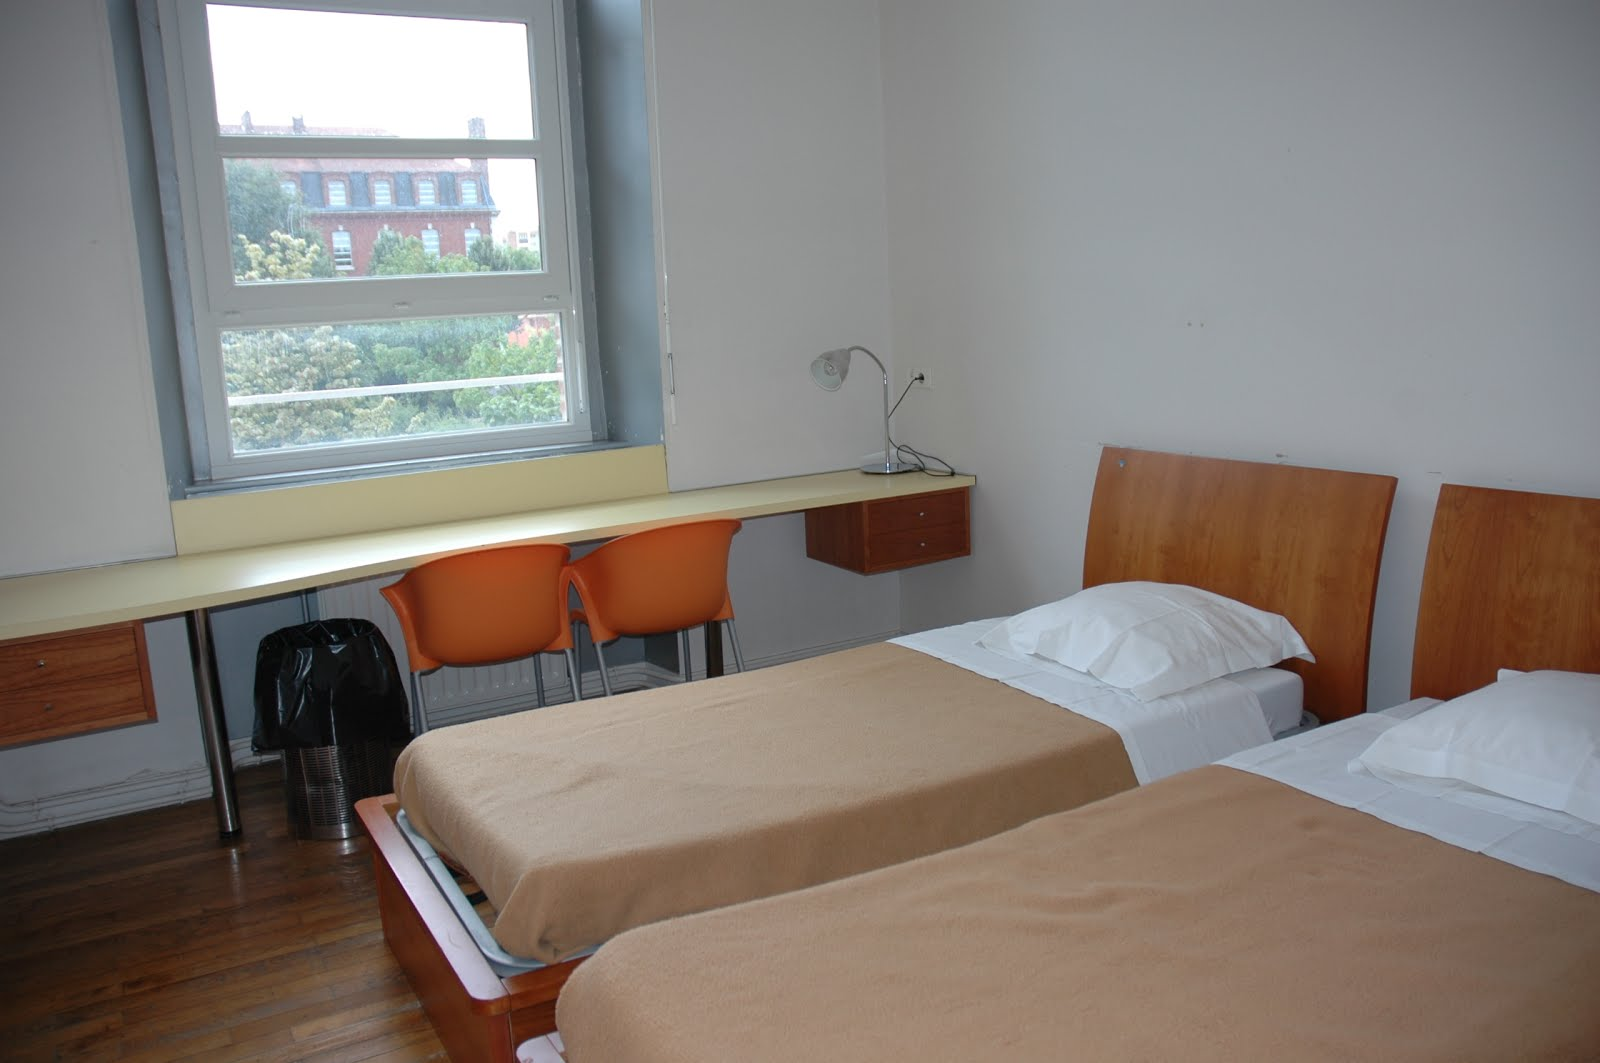 Nos chambres auberge de jeunesse d 39 amiens fuaj for Chambre auberge